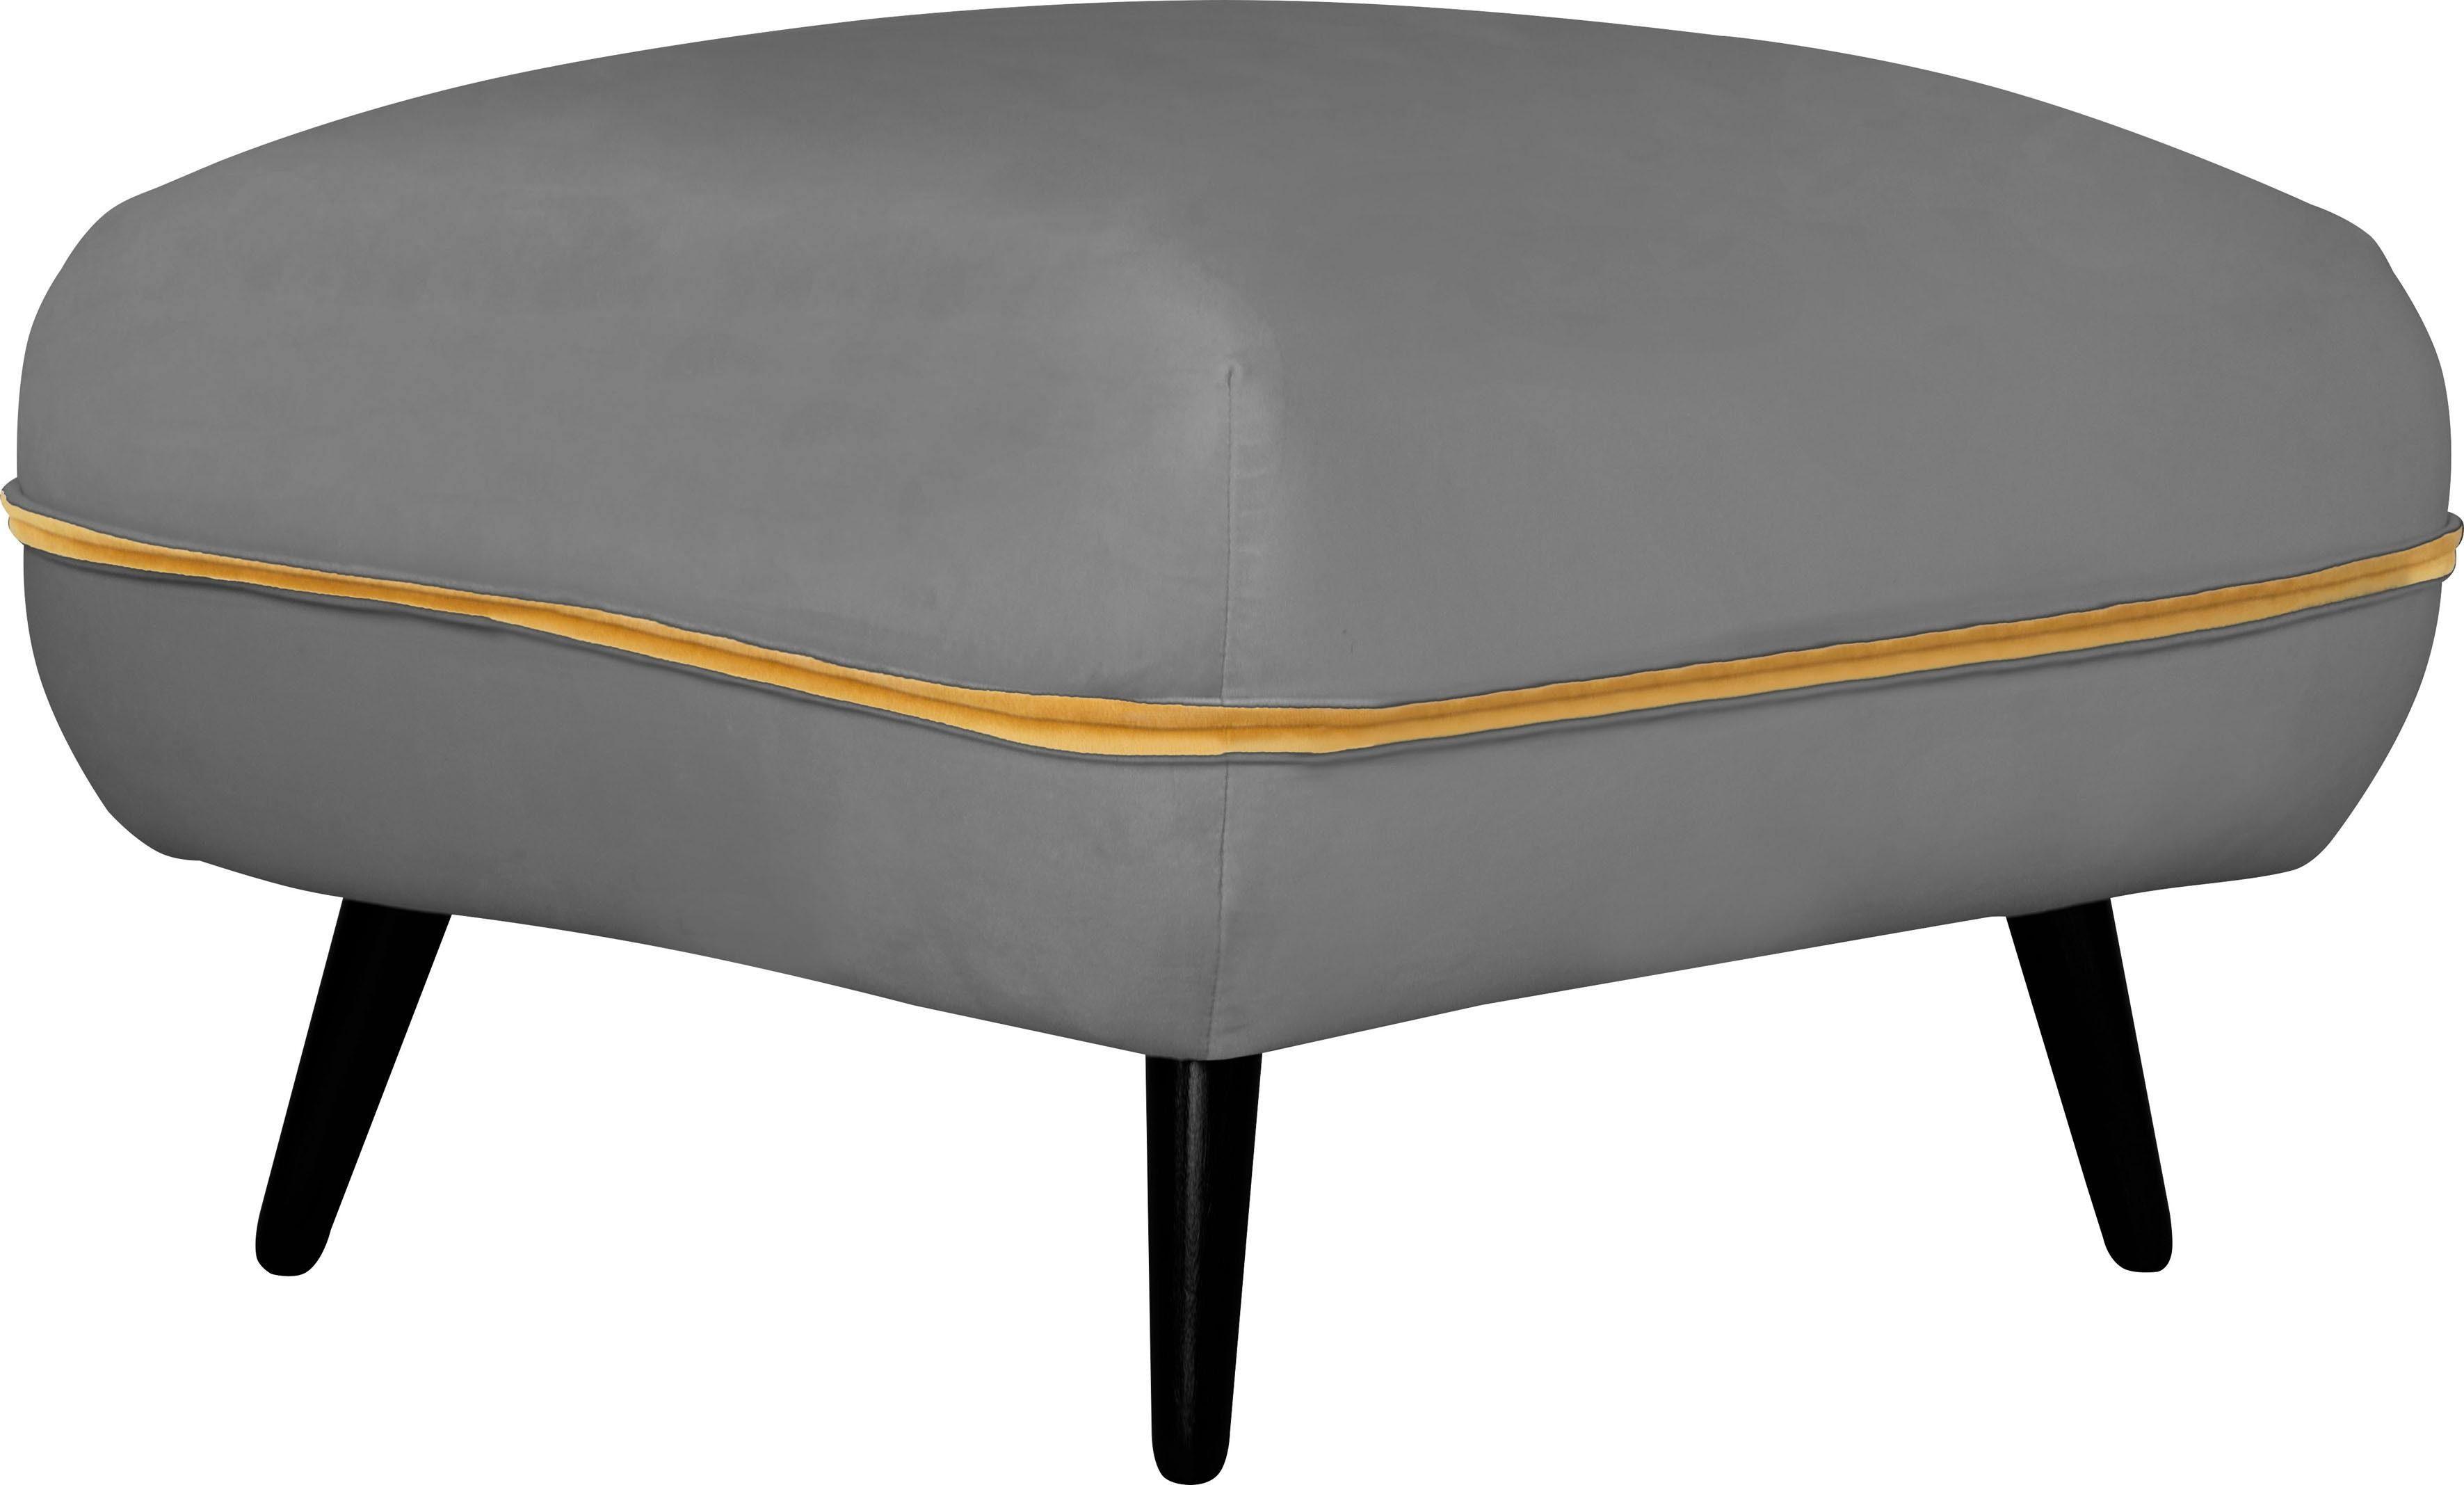 INOSIGN Hocker »Toscania«, Keder mit abgesetzter Farbe, modernes Design online kaufen | OTTO